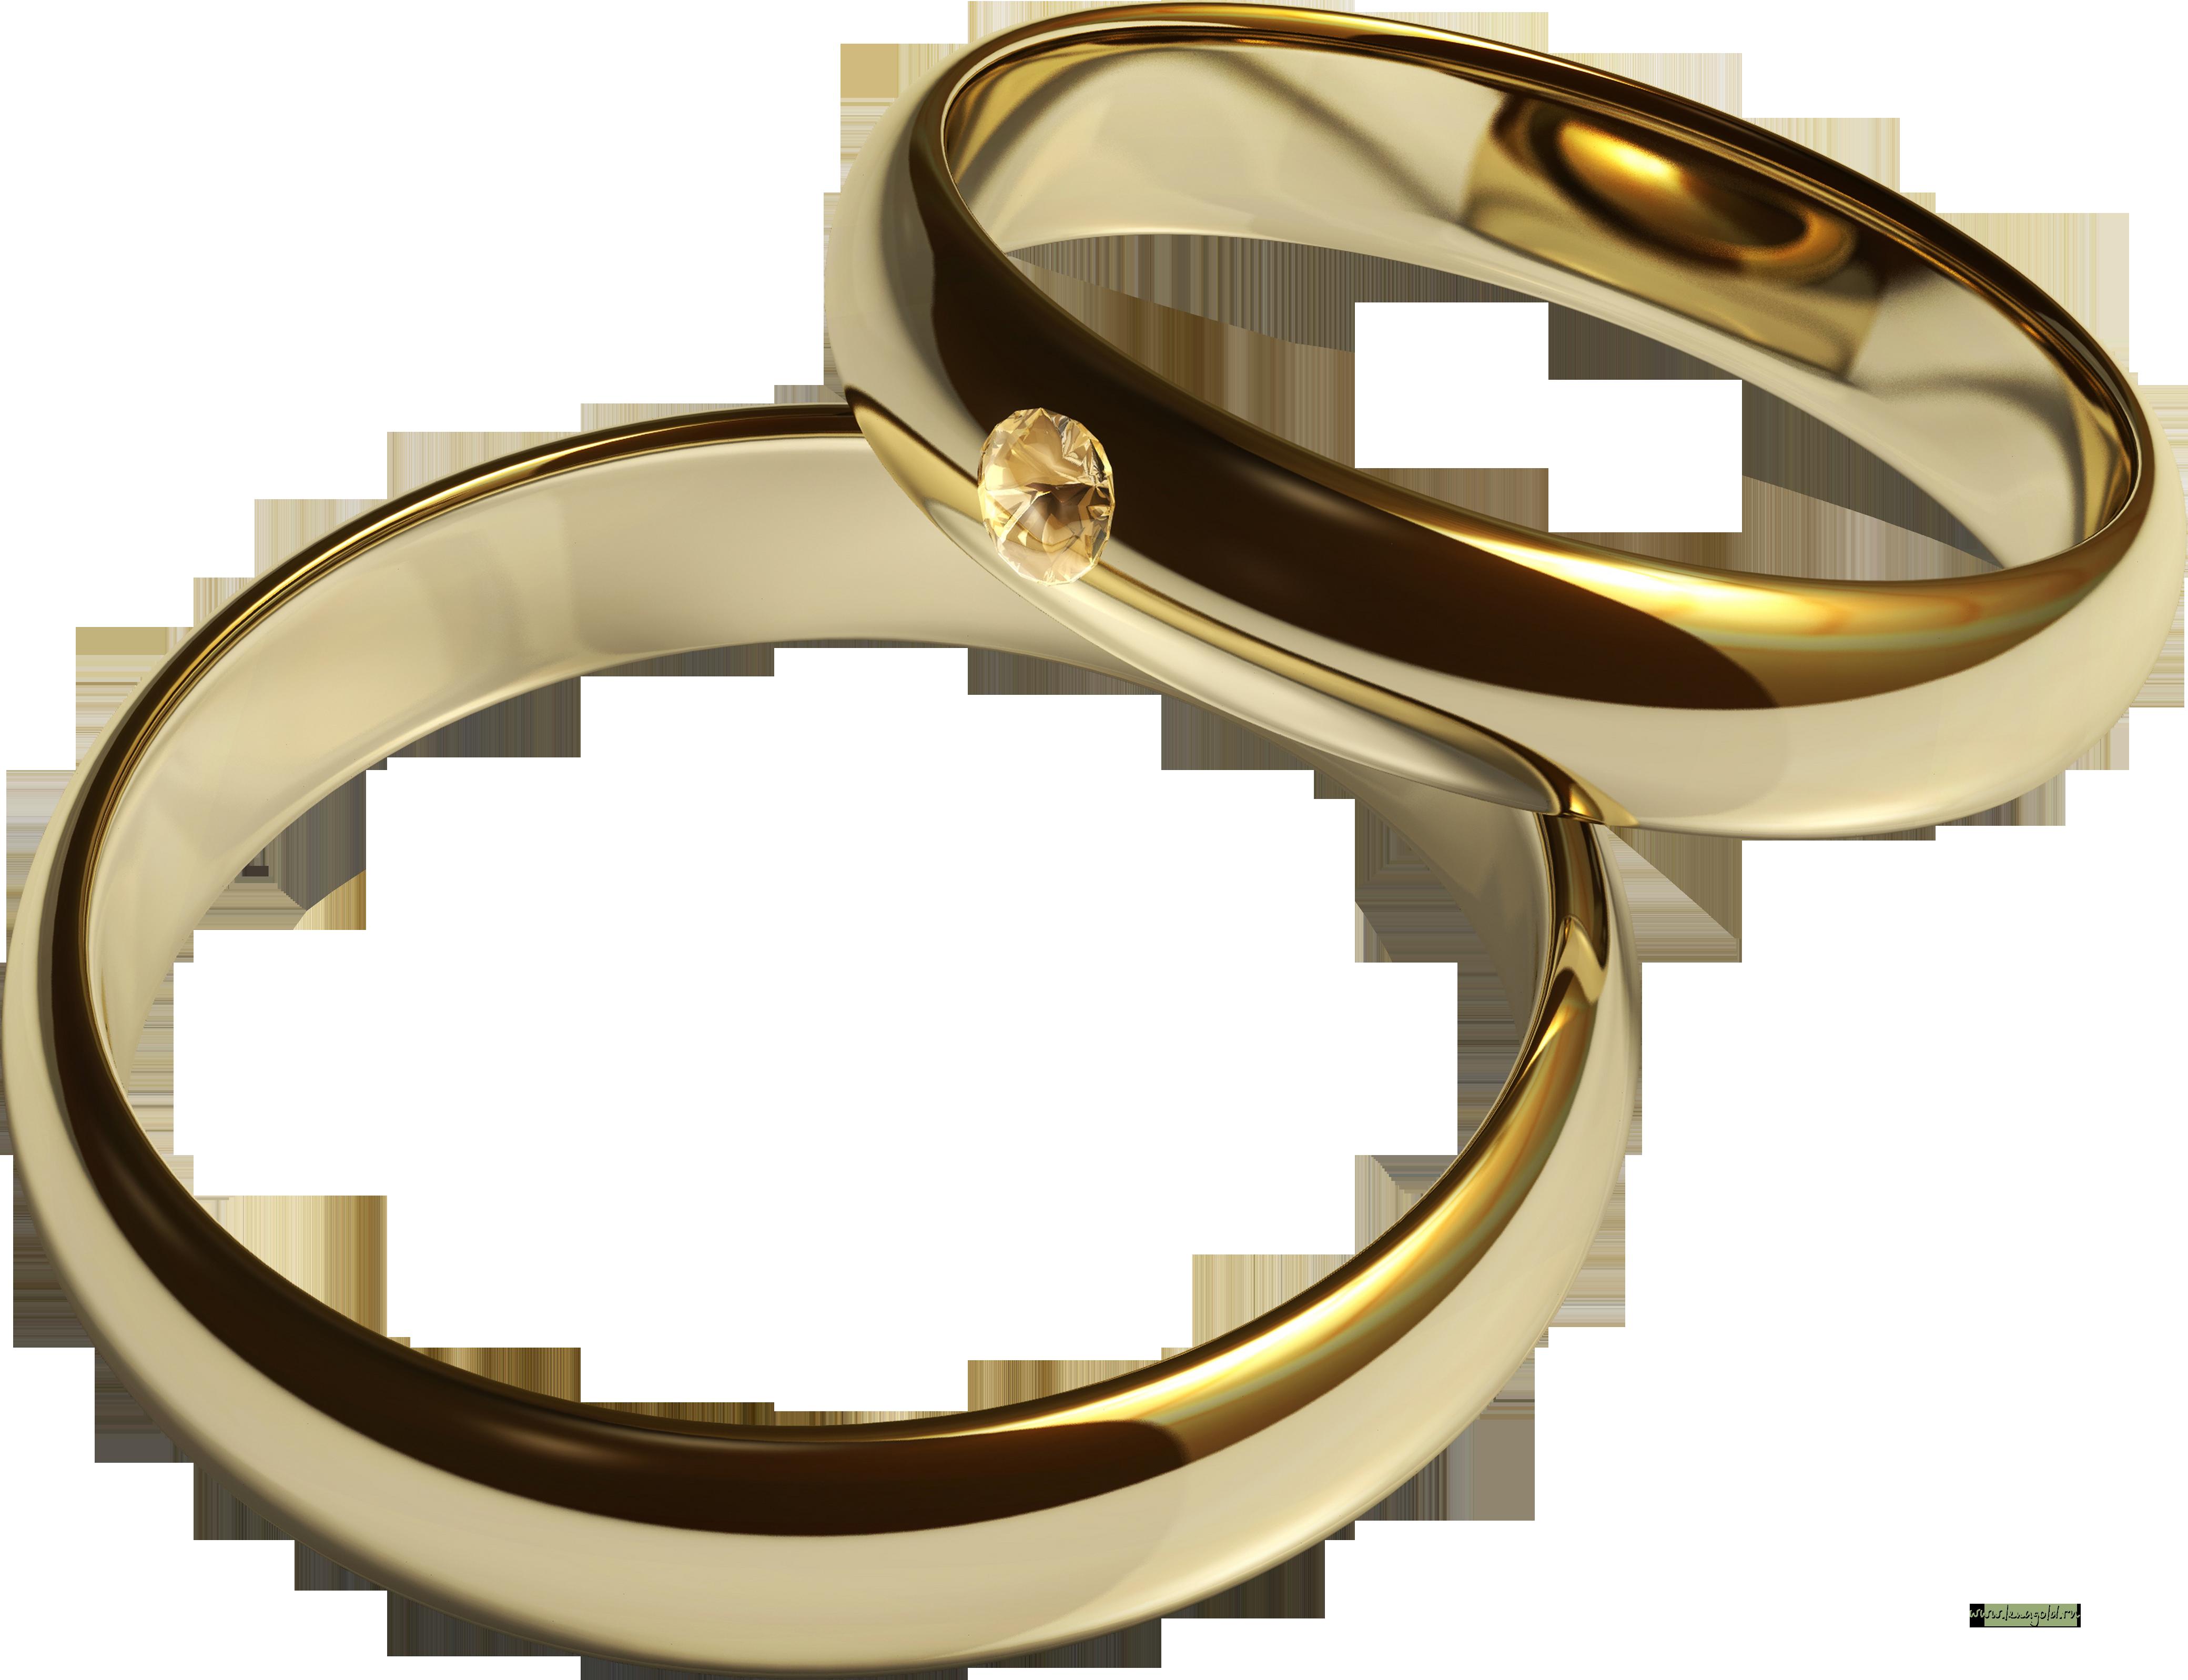 обручальные кольца клипарт: